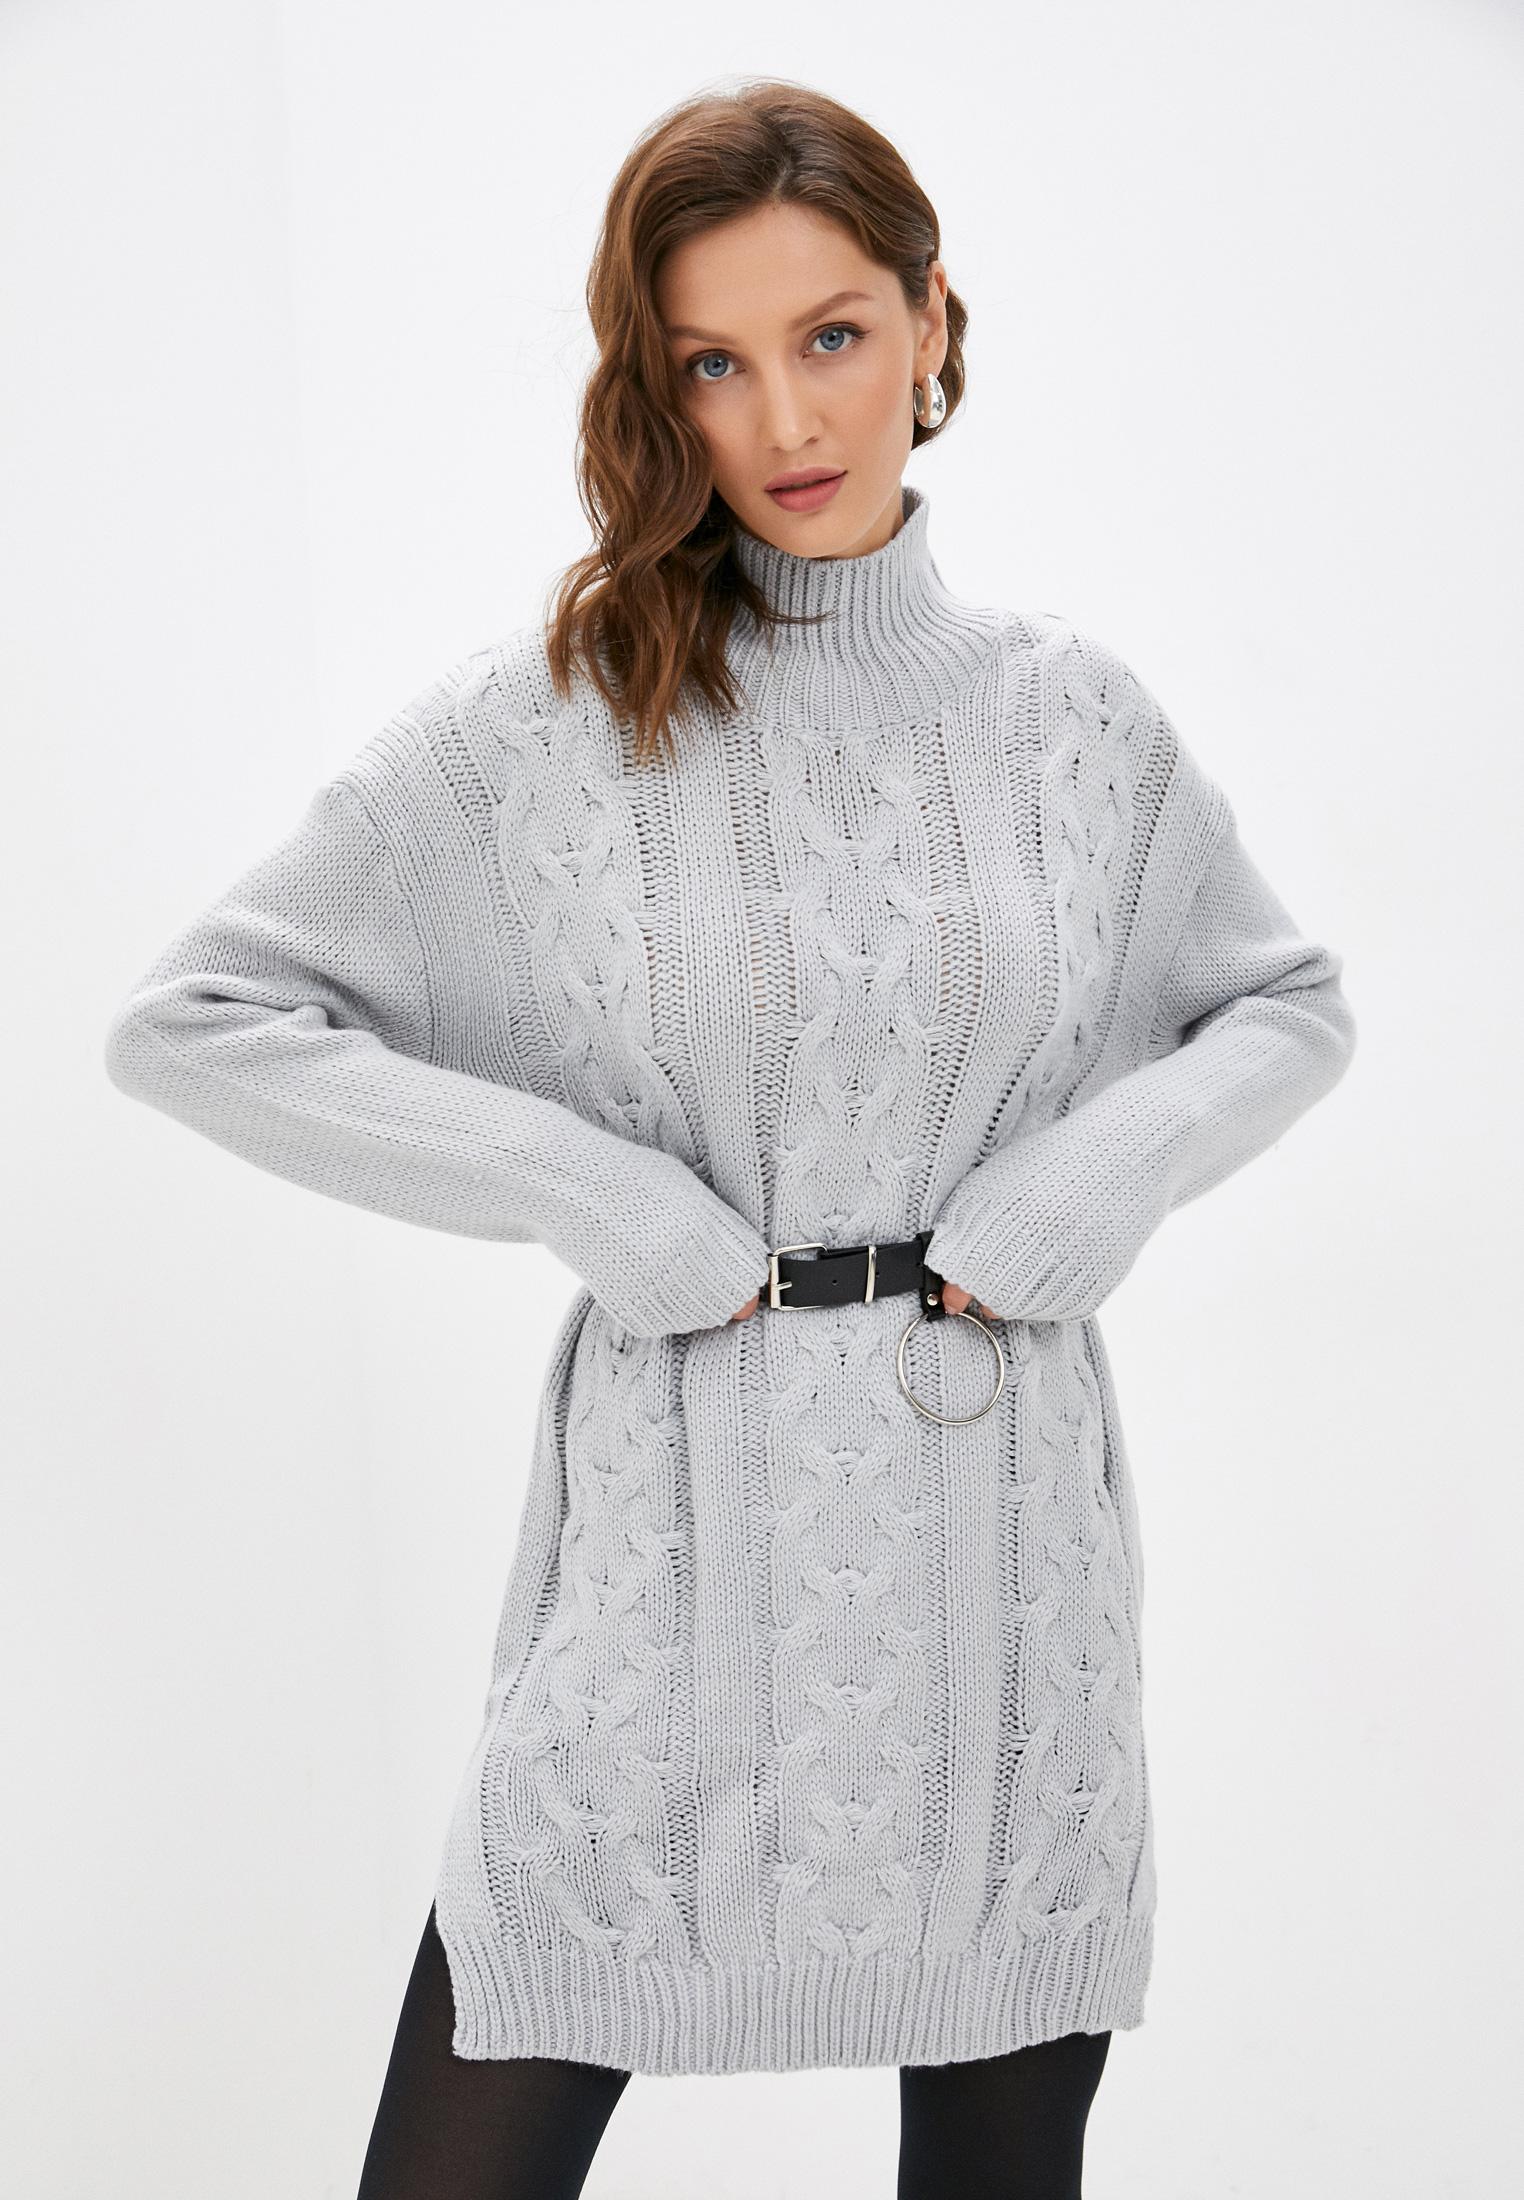 Вязаное платье Dunia DUF21-44-1